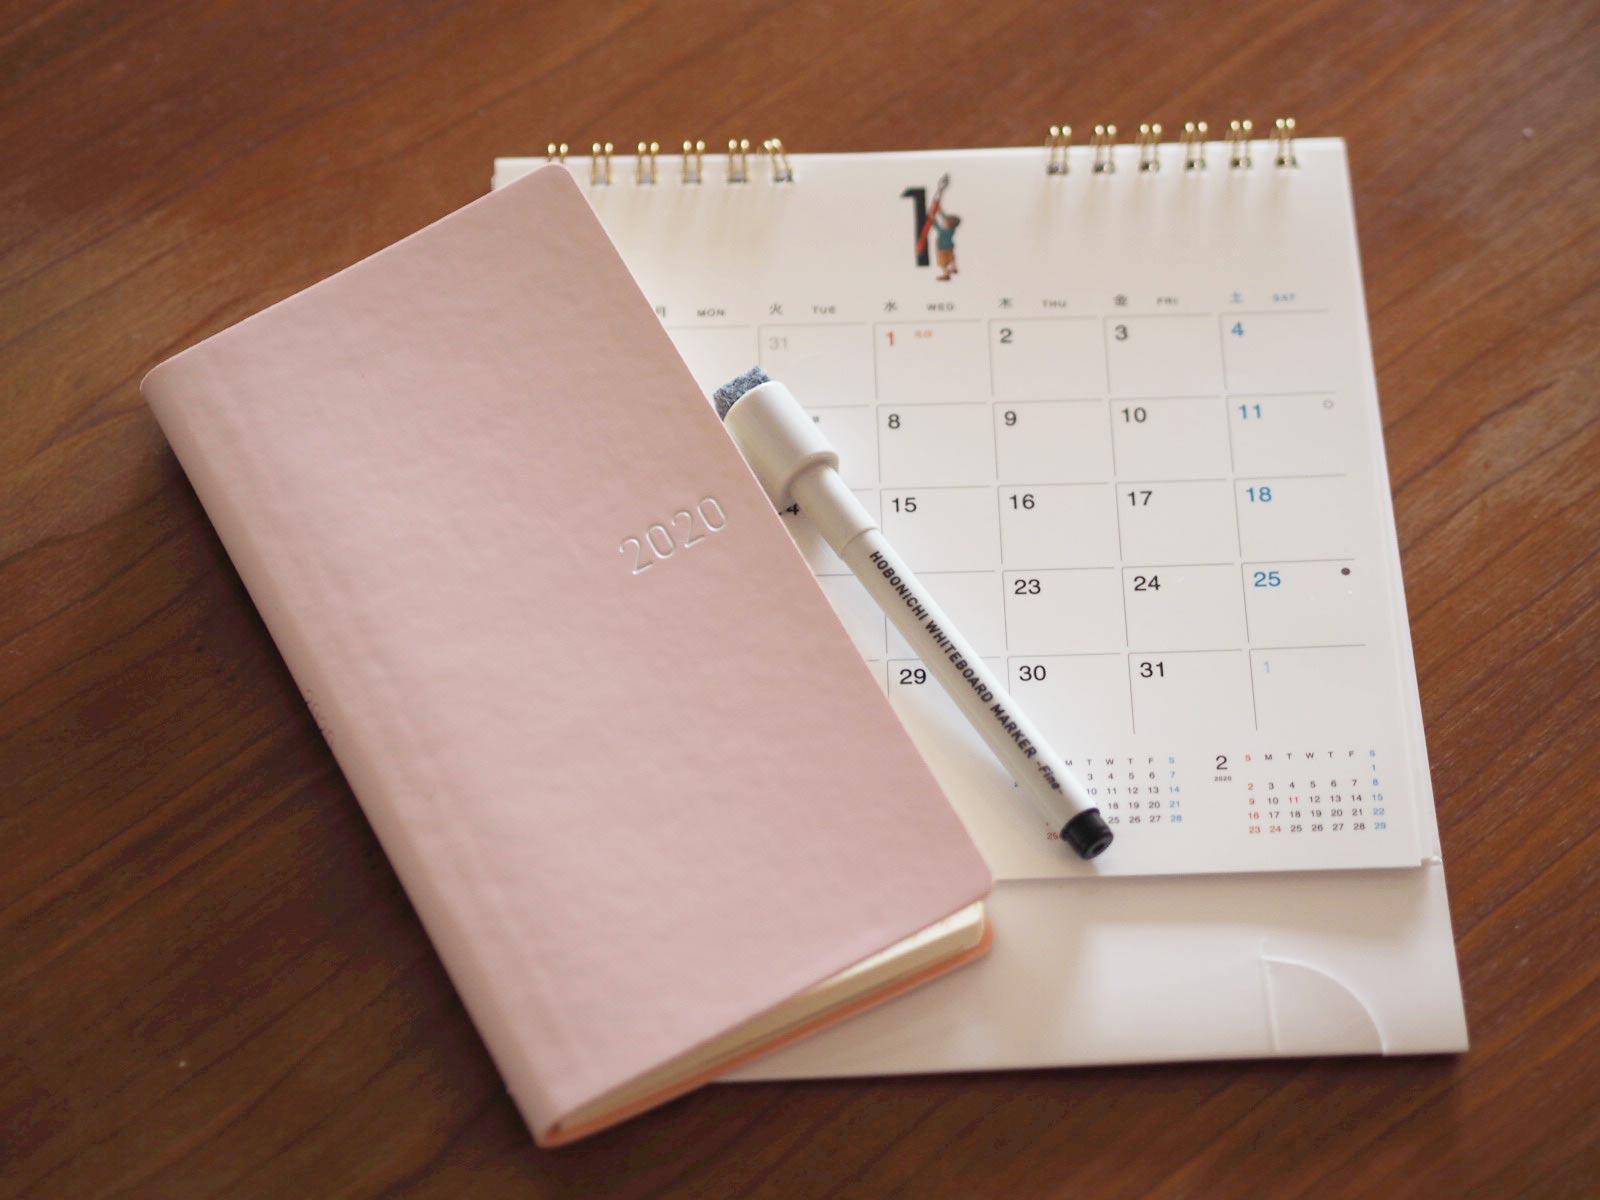 ほぼ日手帳とほぼ日ホワイトボードカレンダー